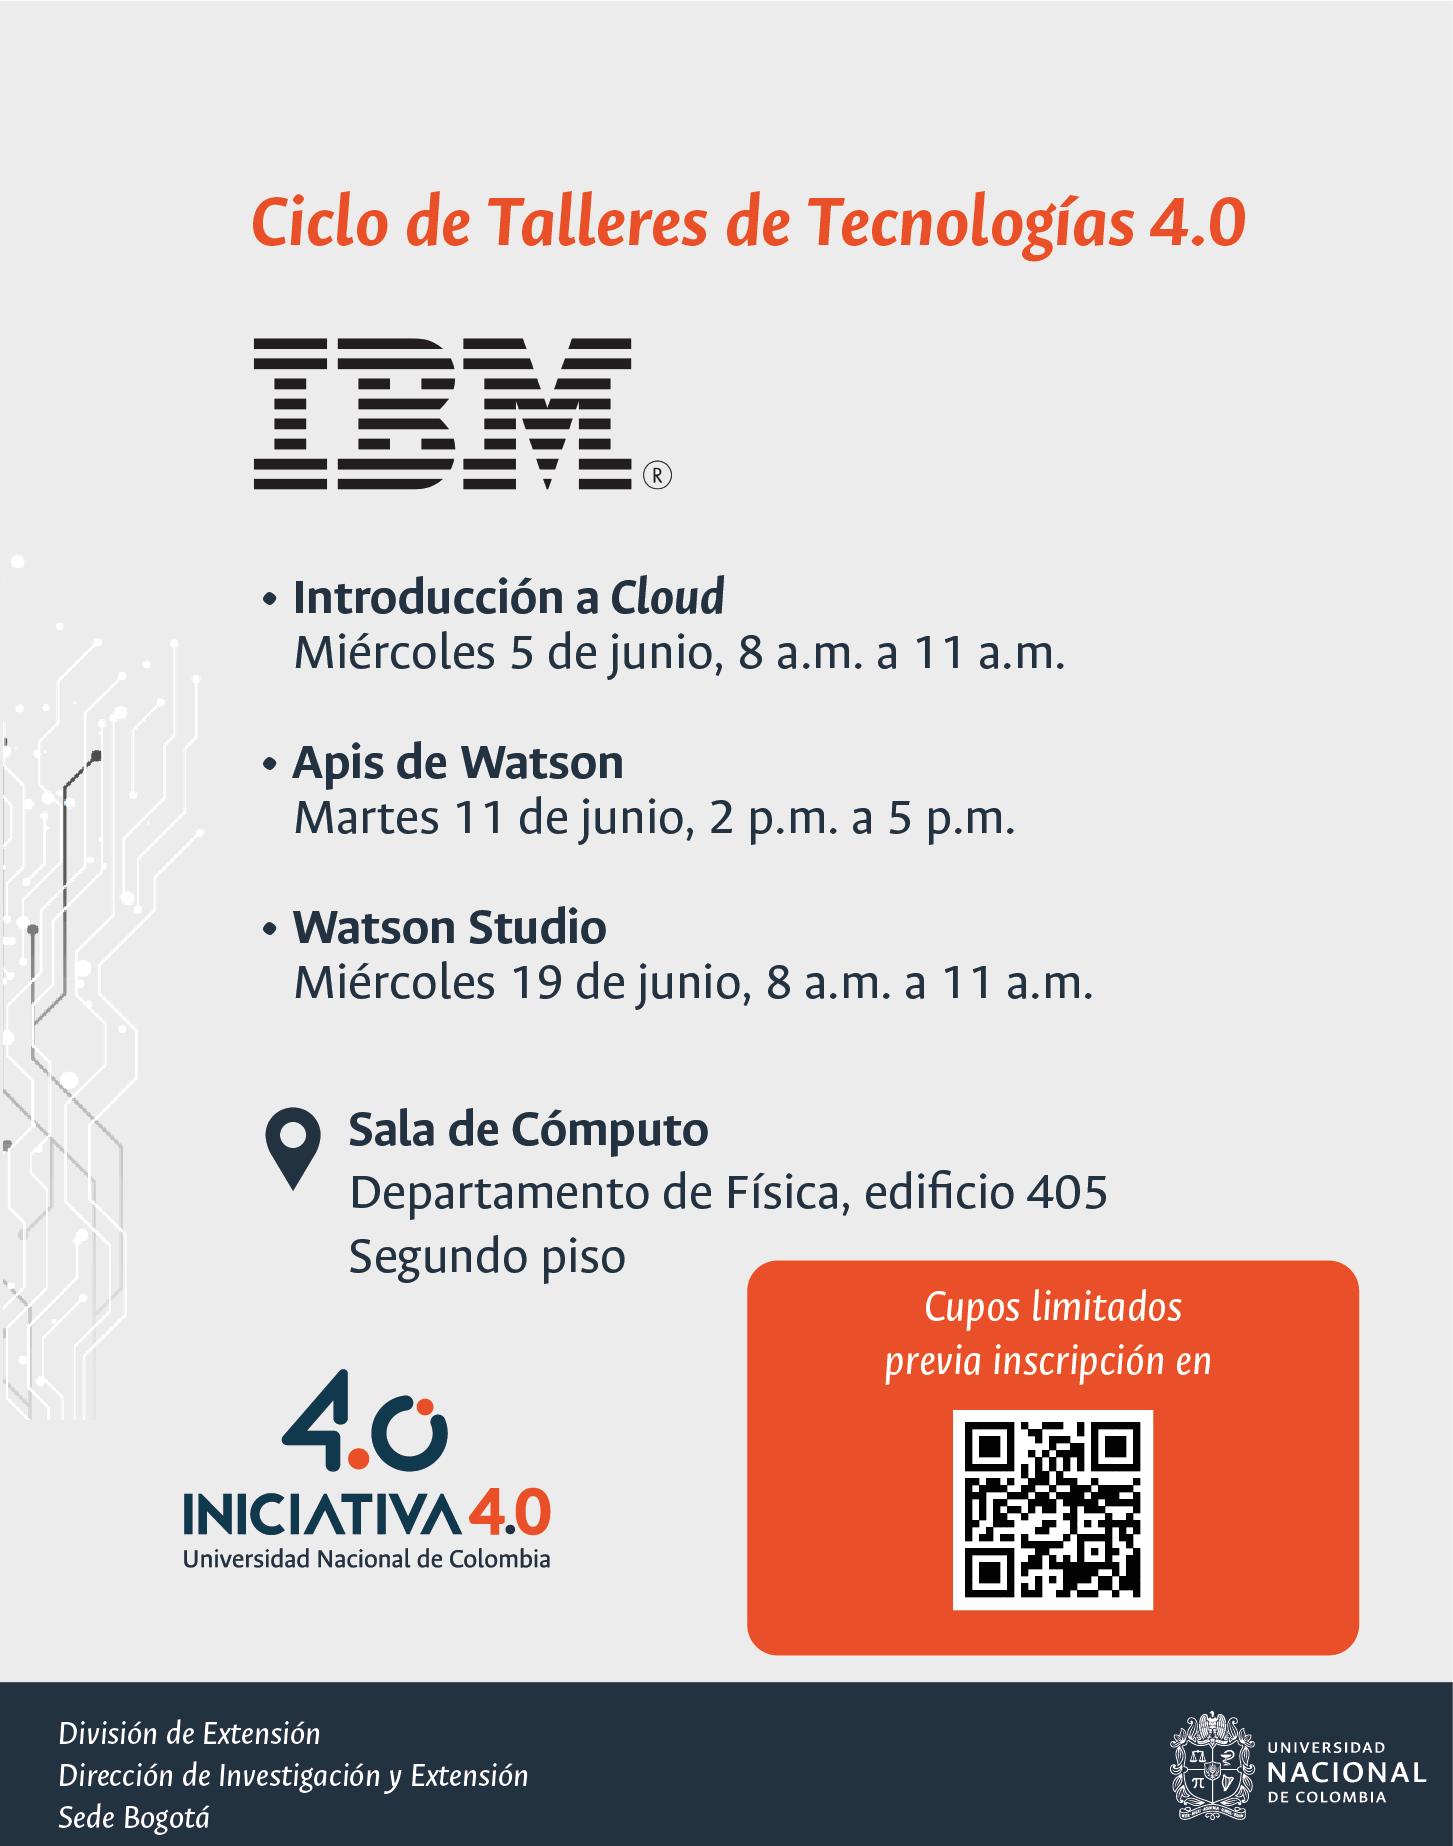 Ciclo de talleres de tecnologías 4.0